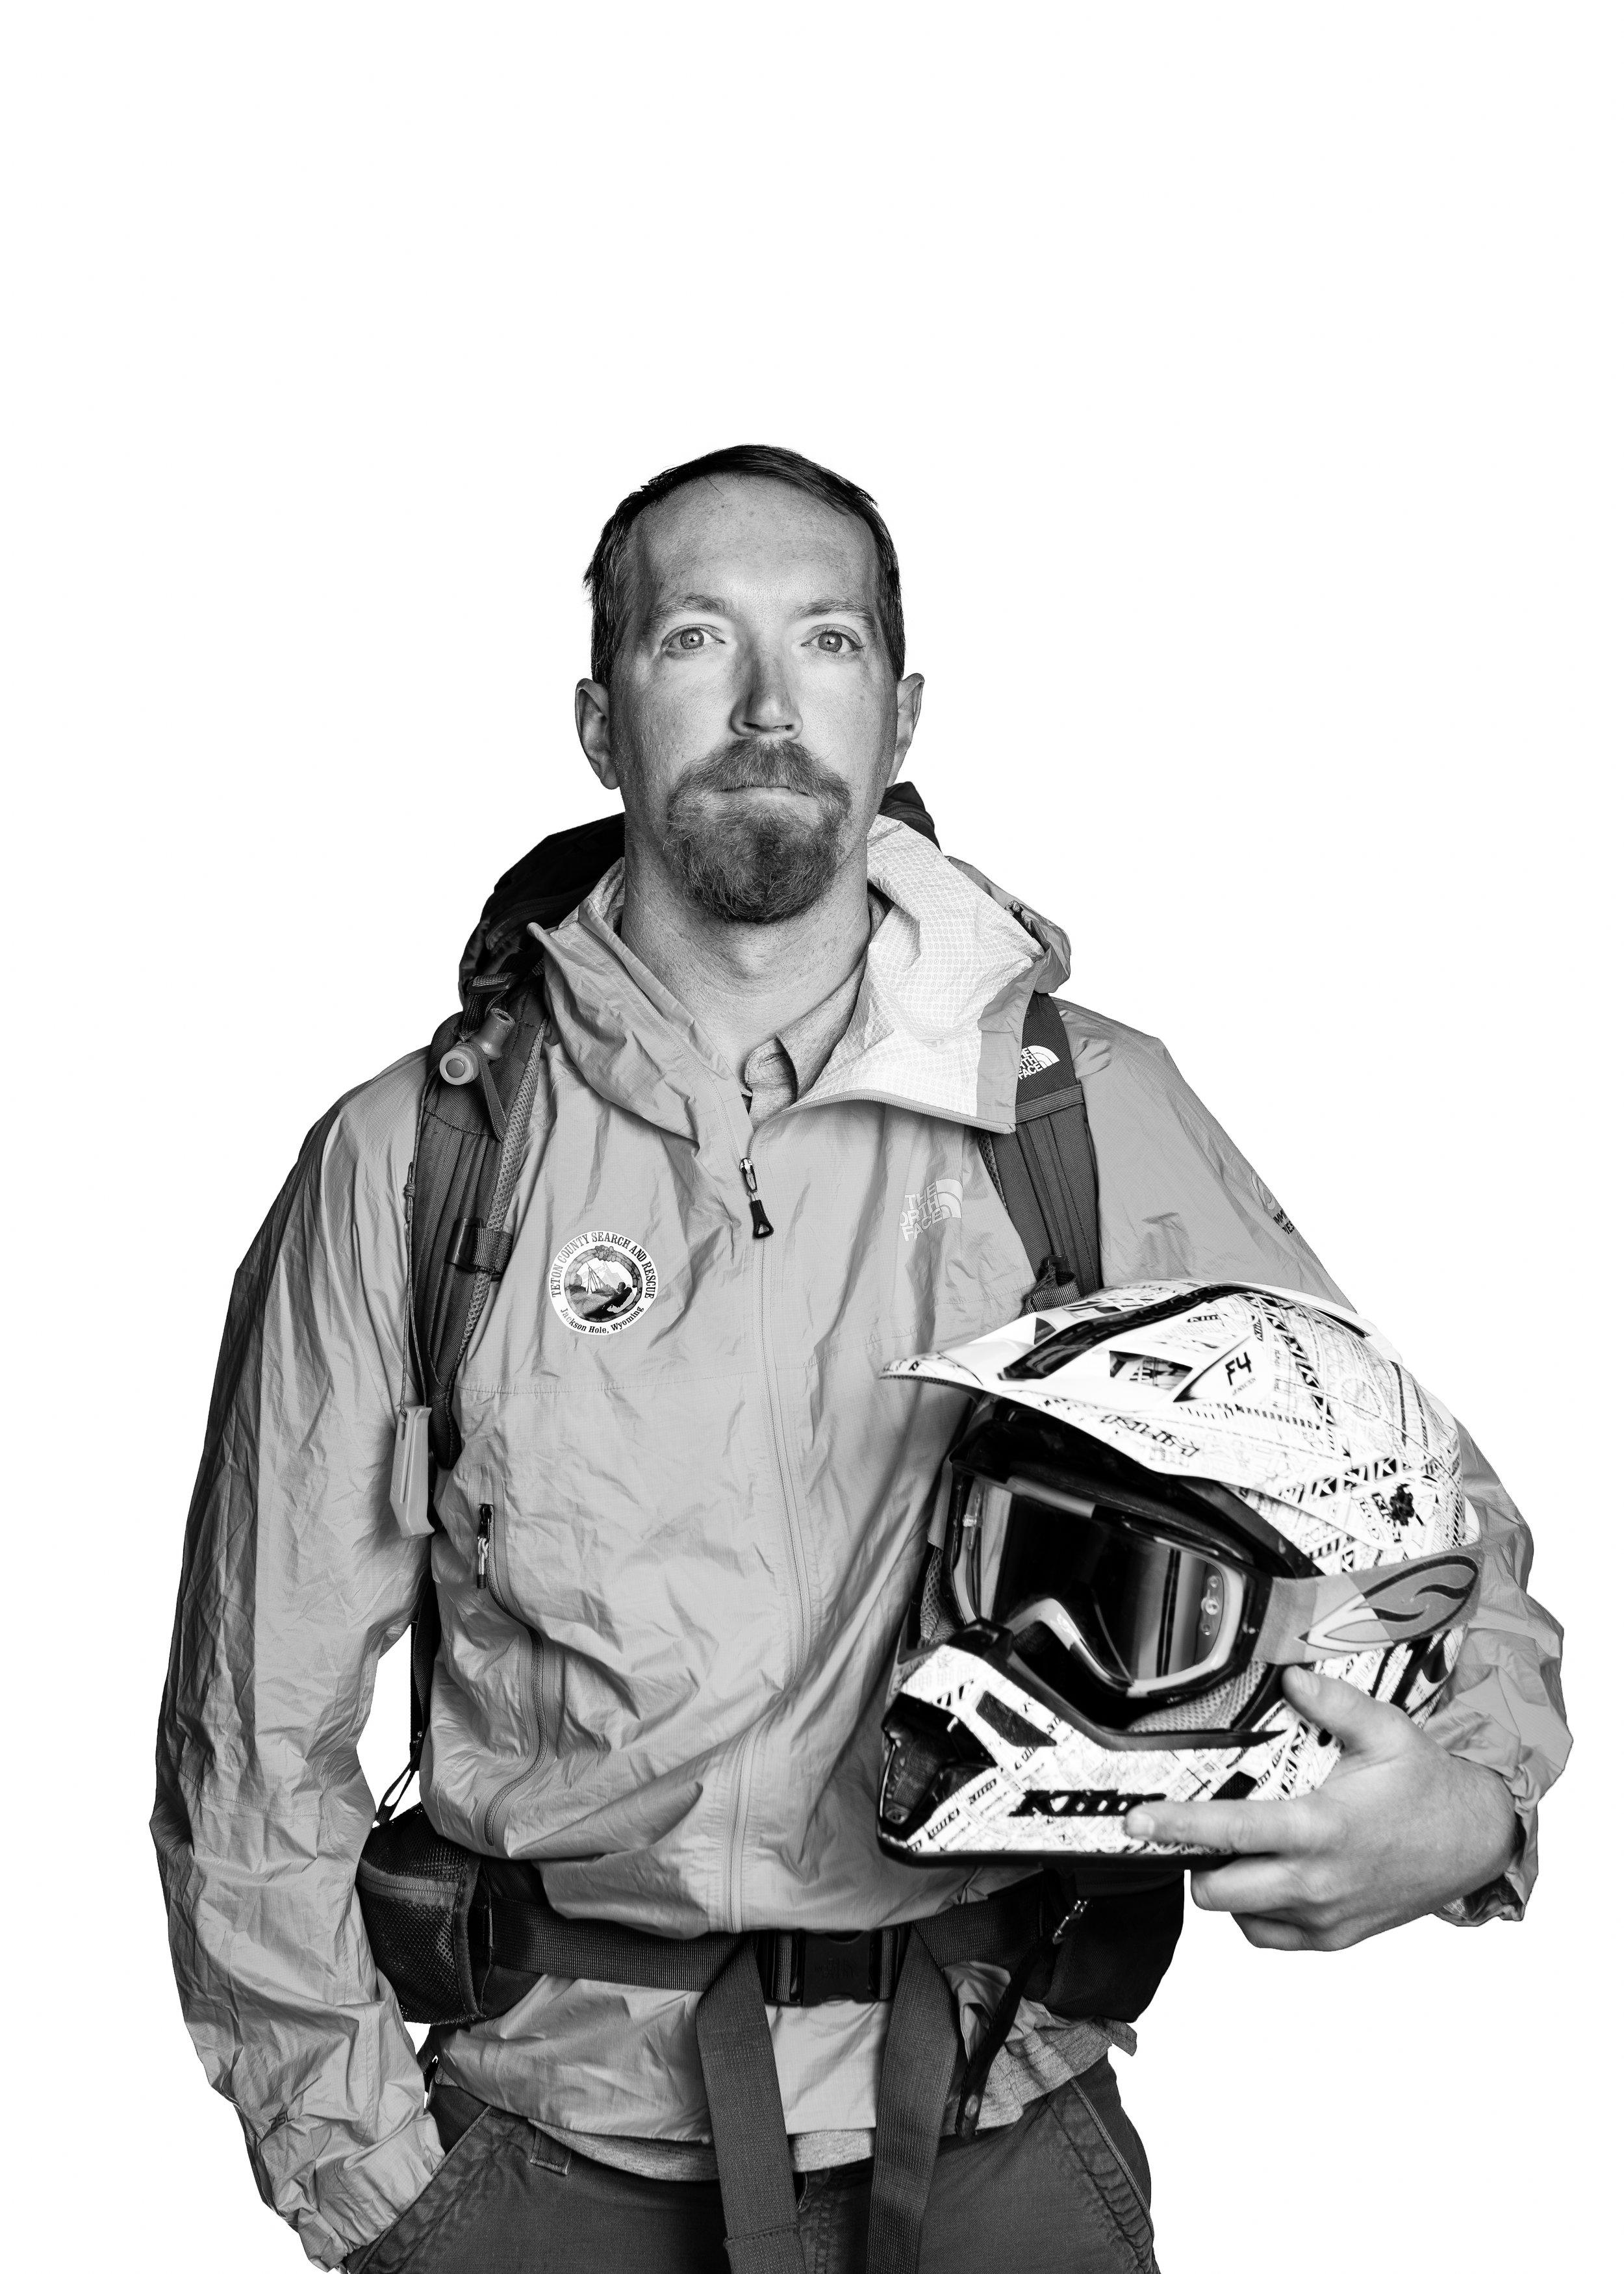 TCSAR volunteer Doug VanHouten